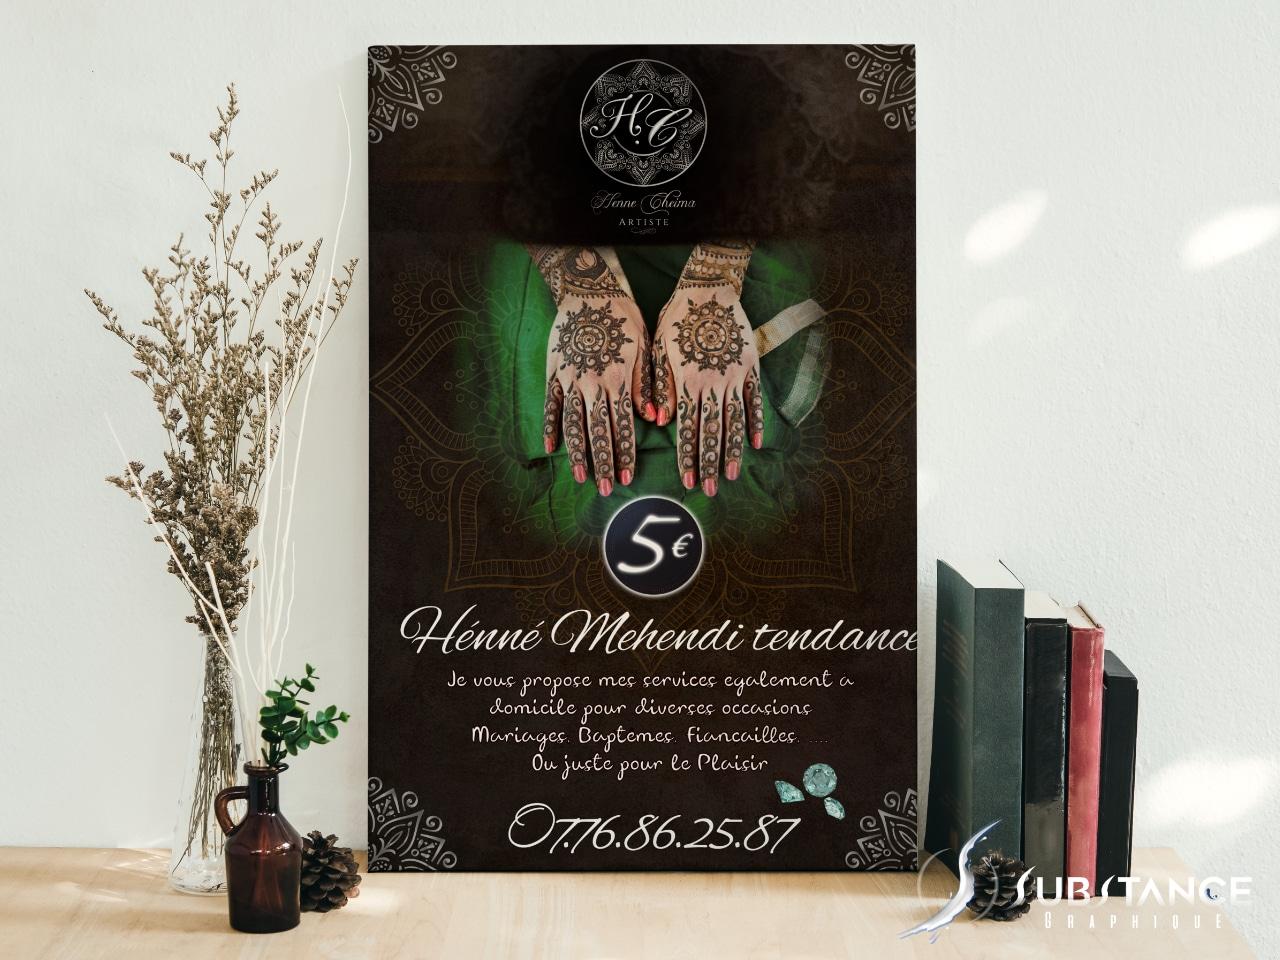 Affiche pour Henne Chaima